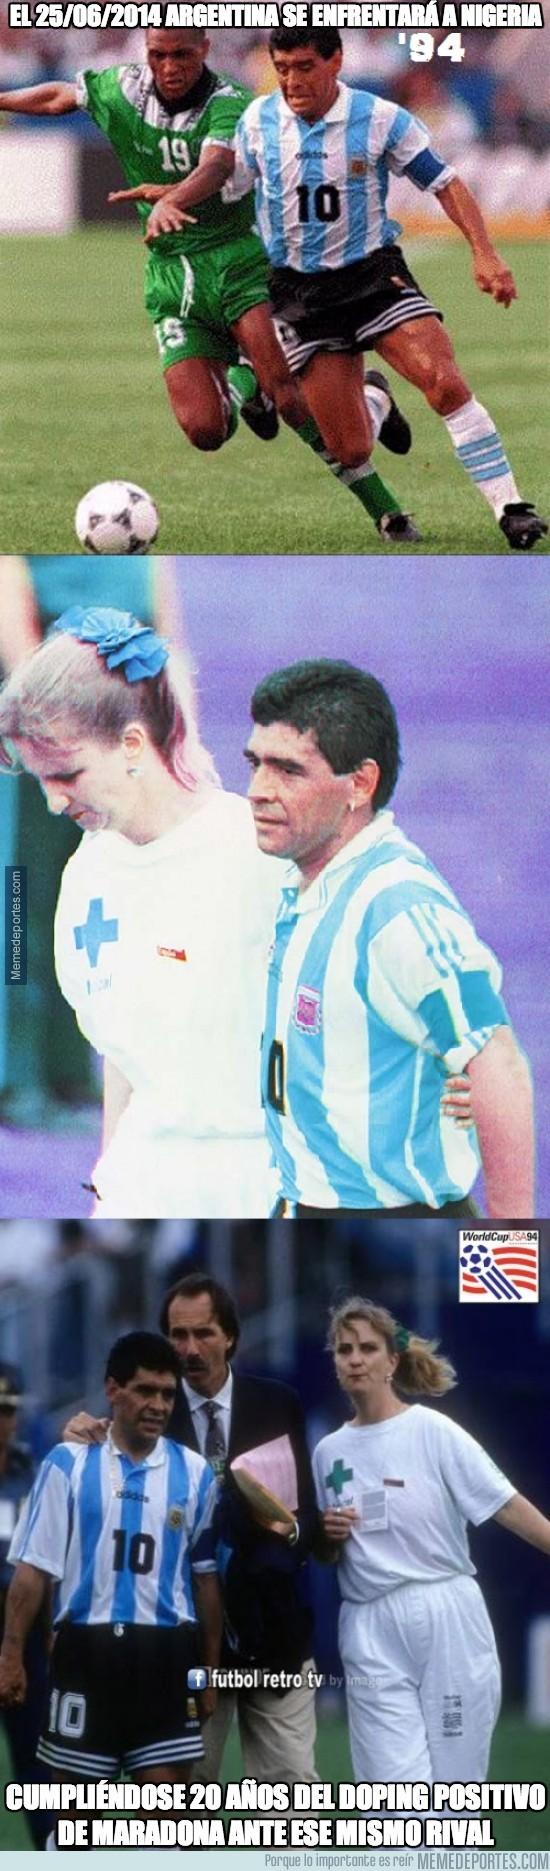 222846 - El 25/06/2014 Argentina se enfrentará a Nigeria